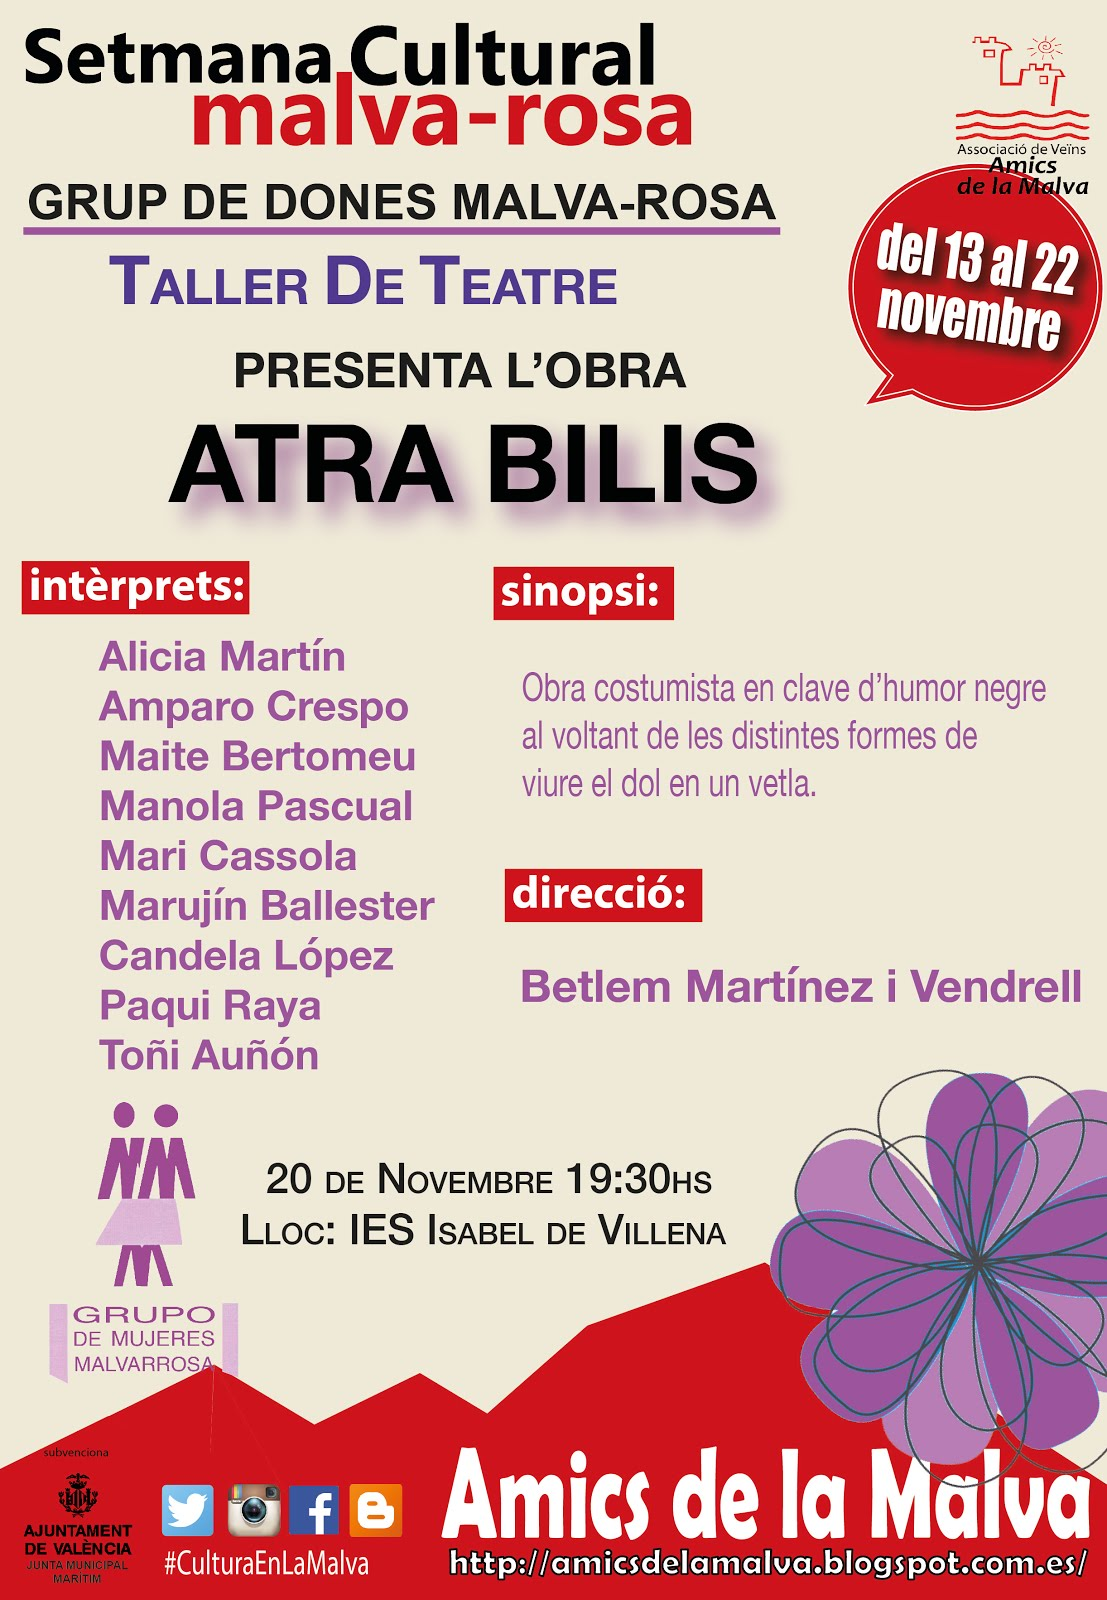 Teatre Grup de Dones Malva-rosa